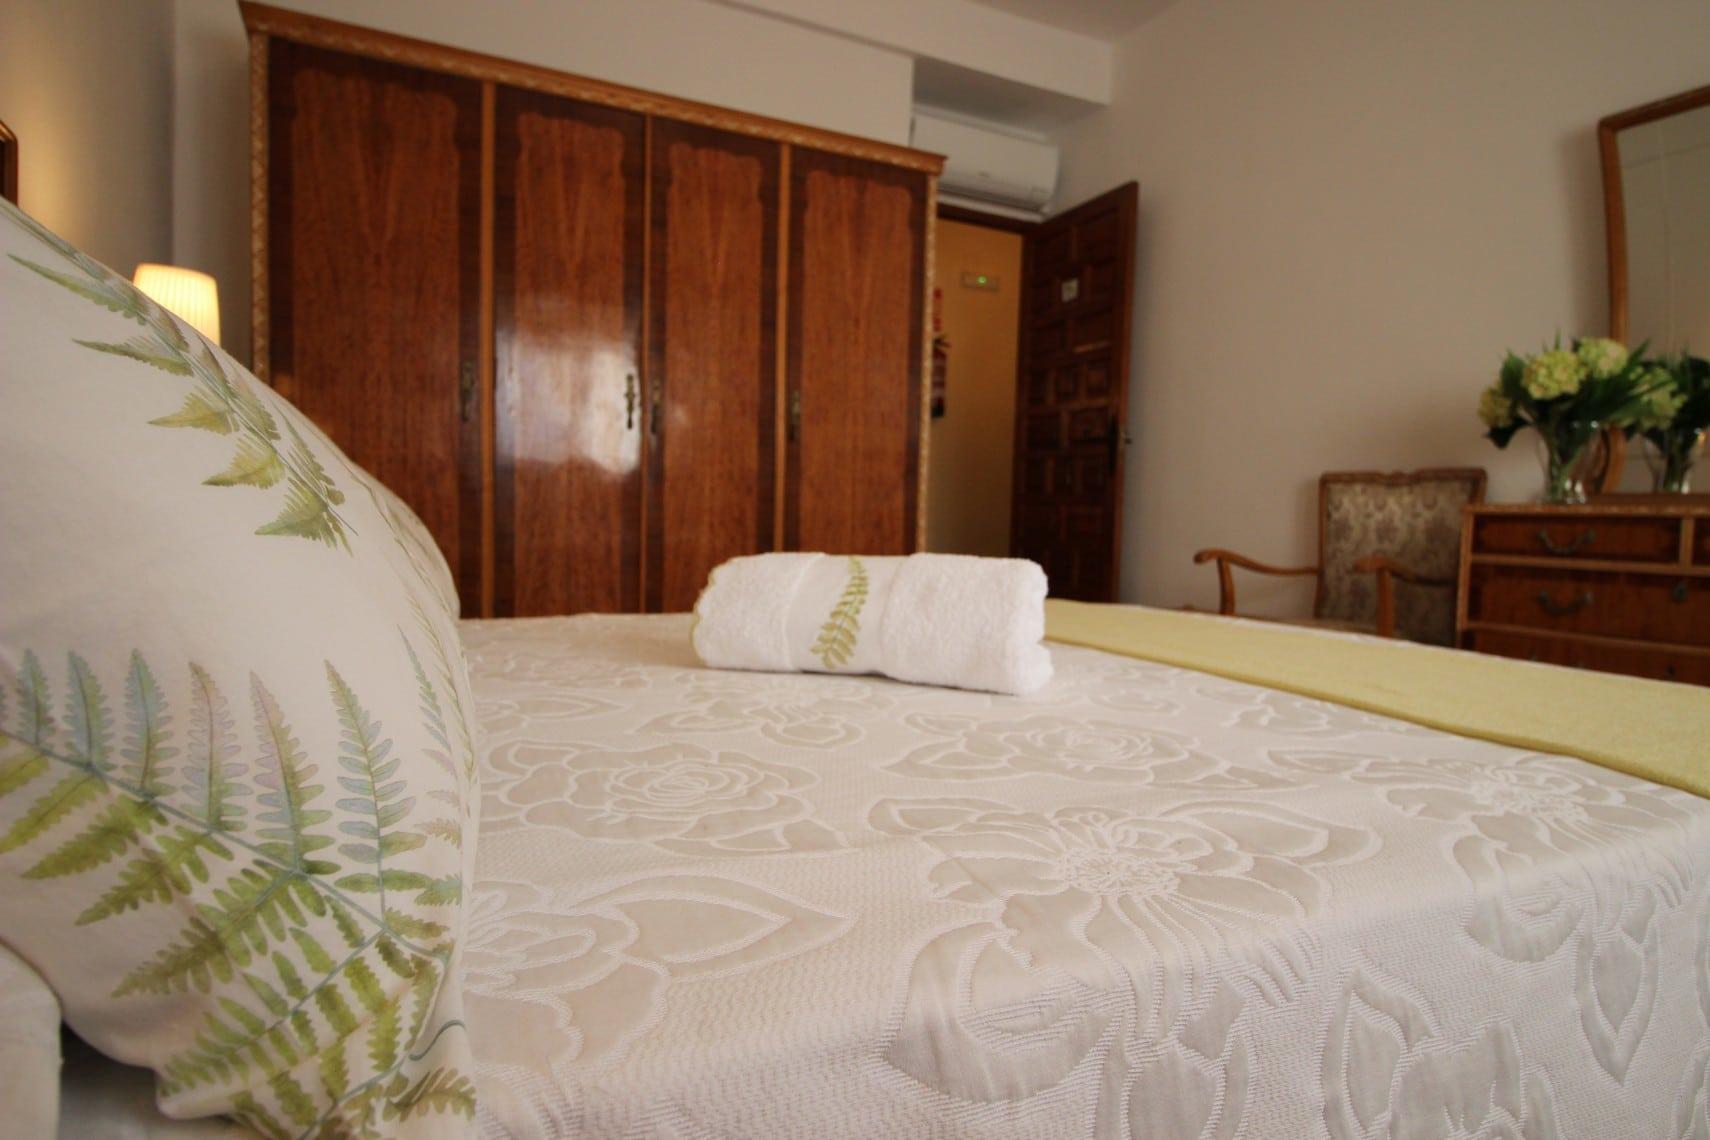 habitación2_las_hazas jarandilla016